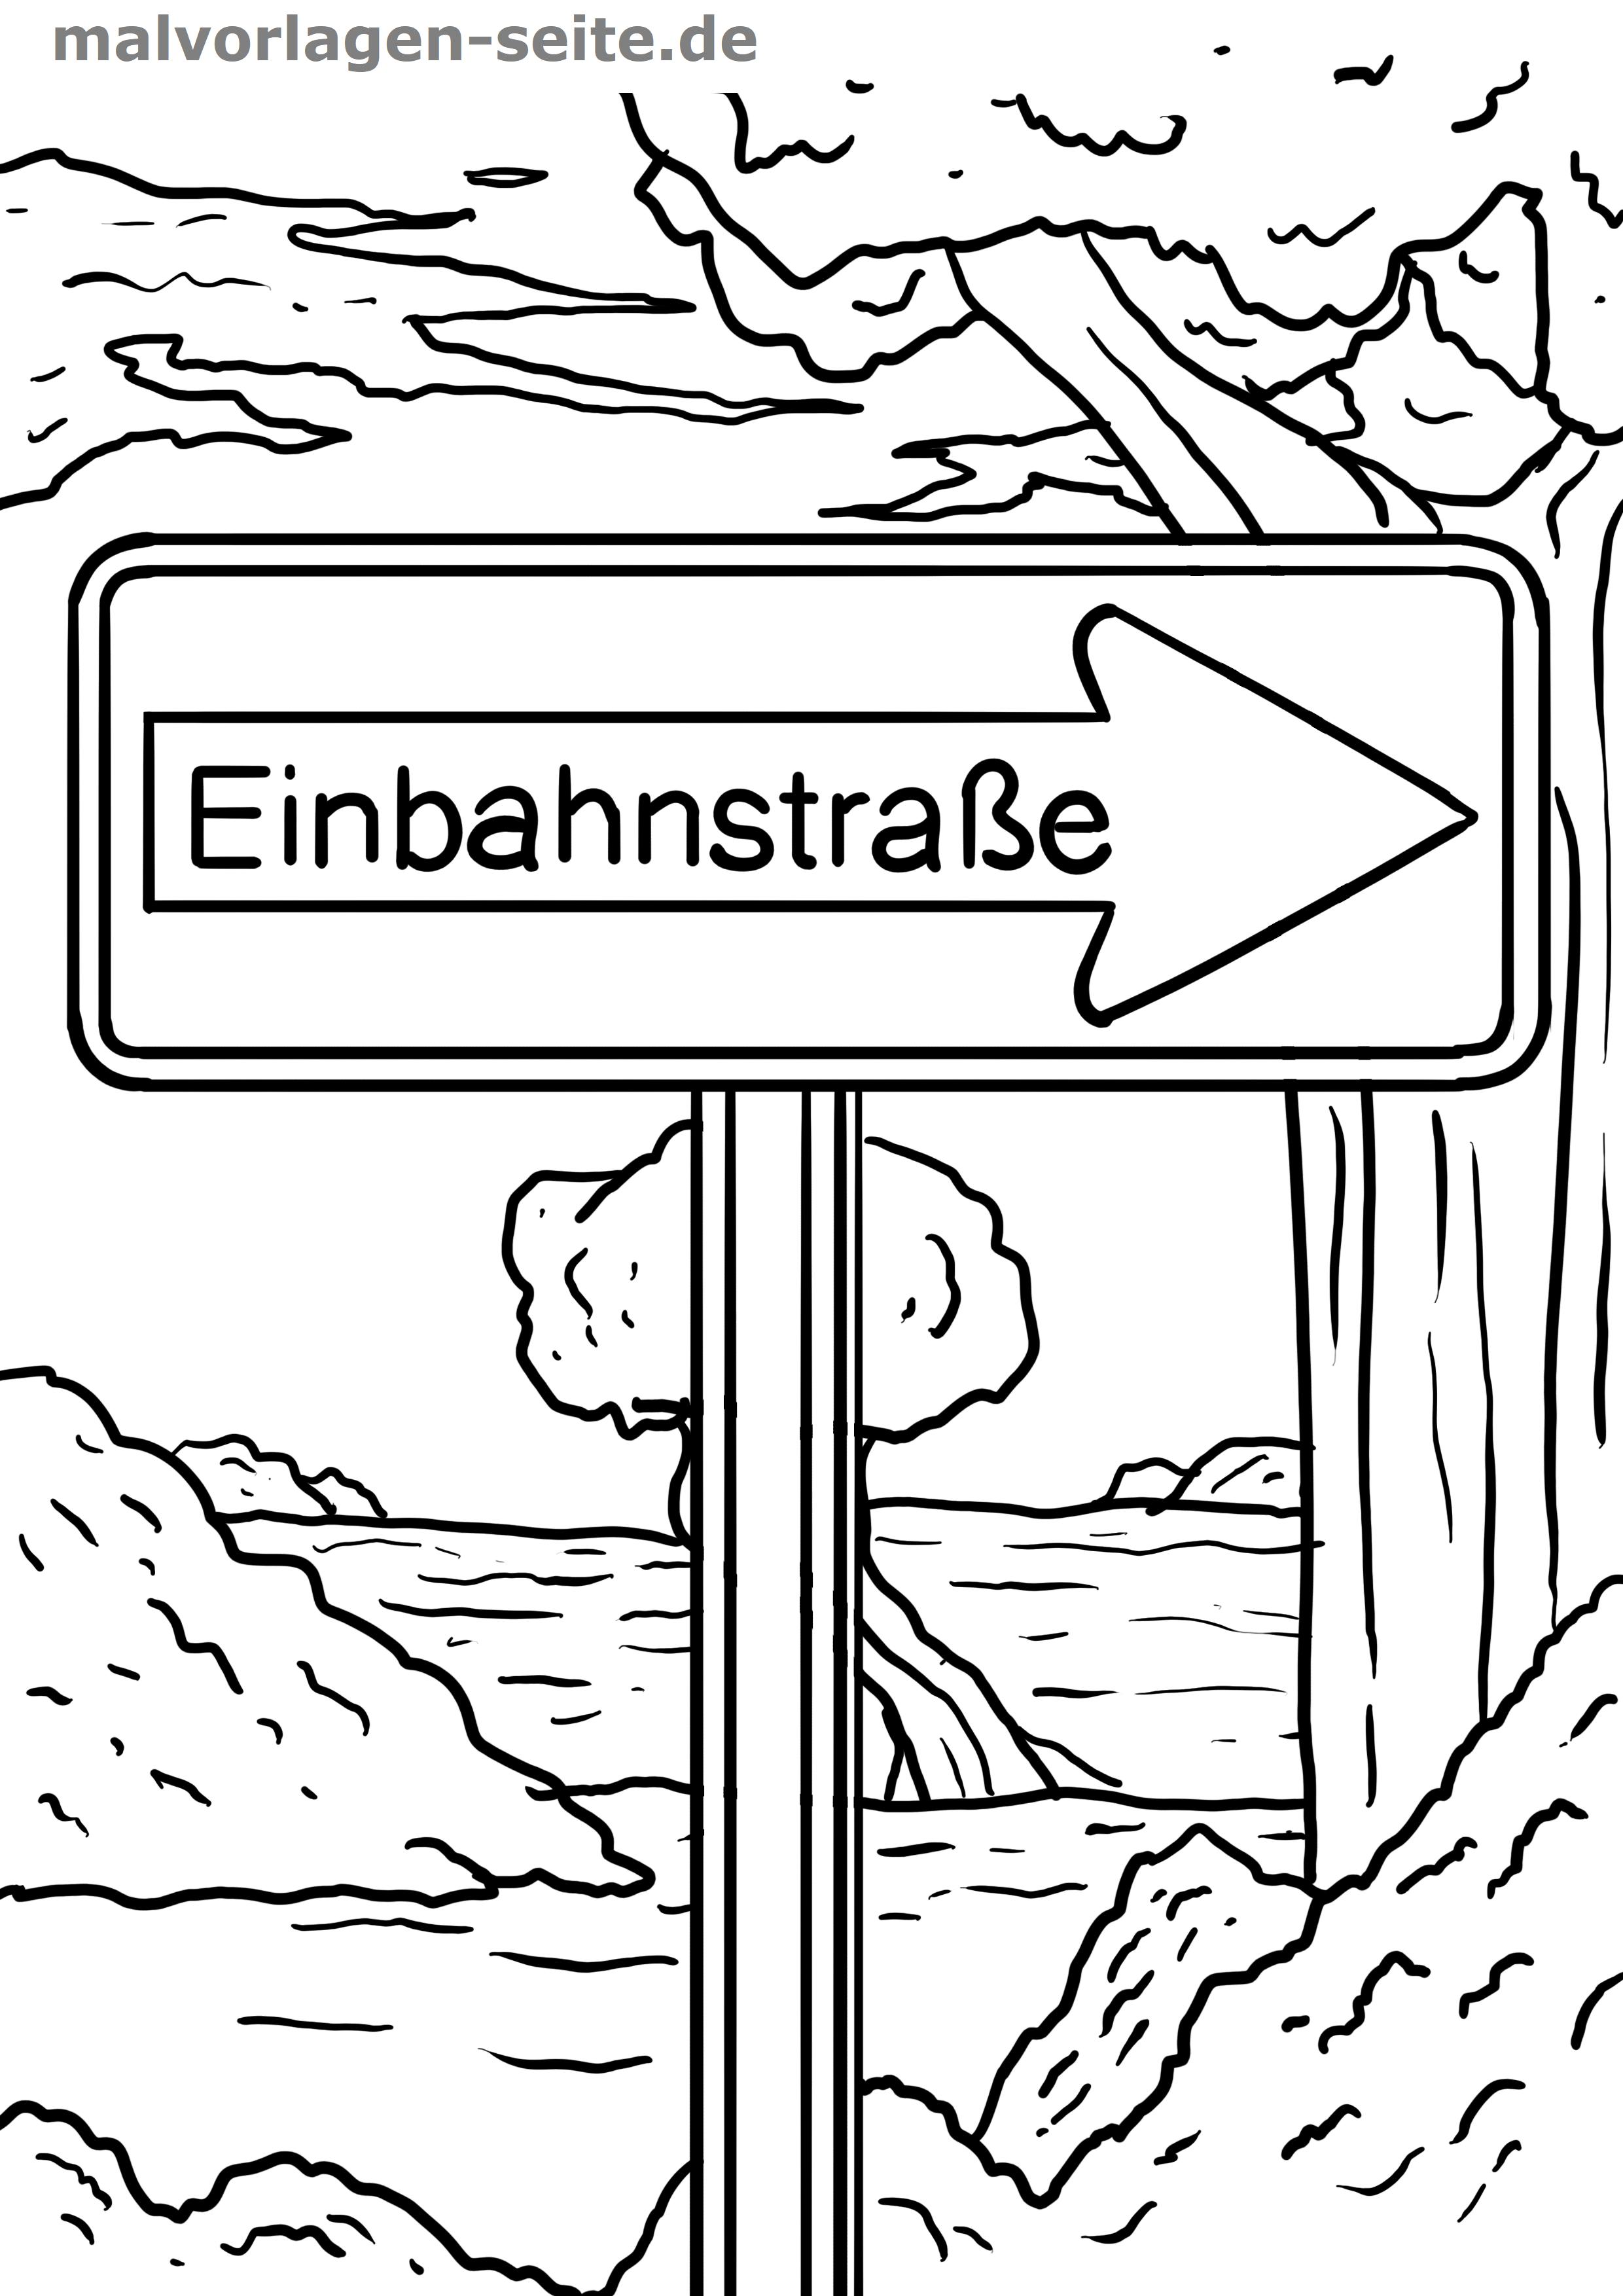 Verkehrszeichen Einbahnstraße - Kostenlose Ausmalbilder